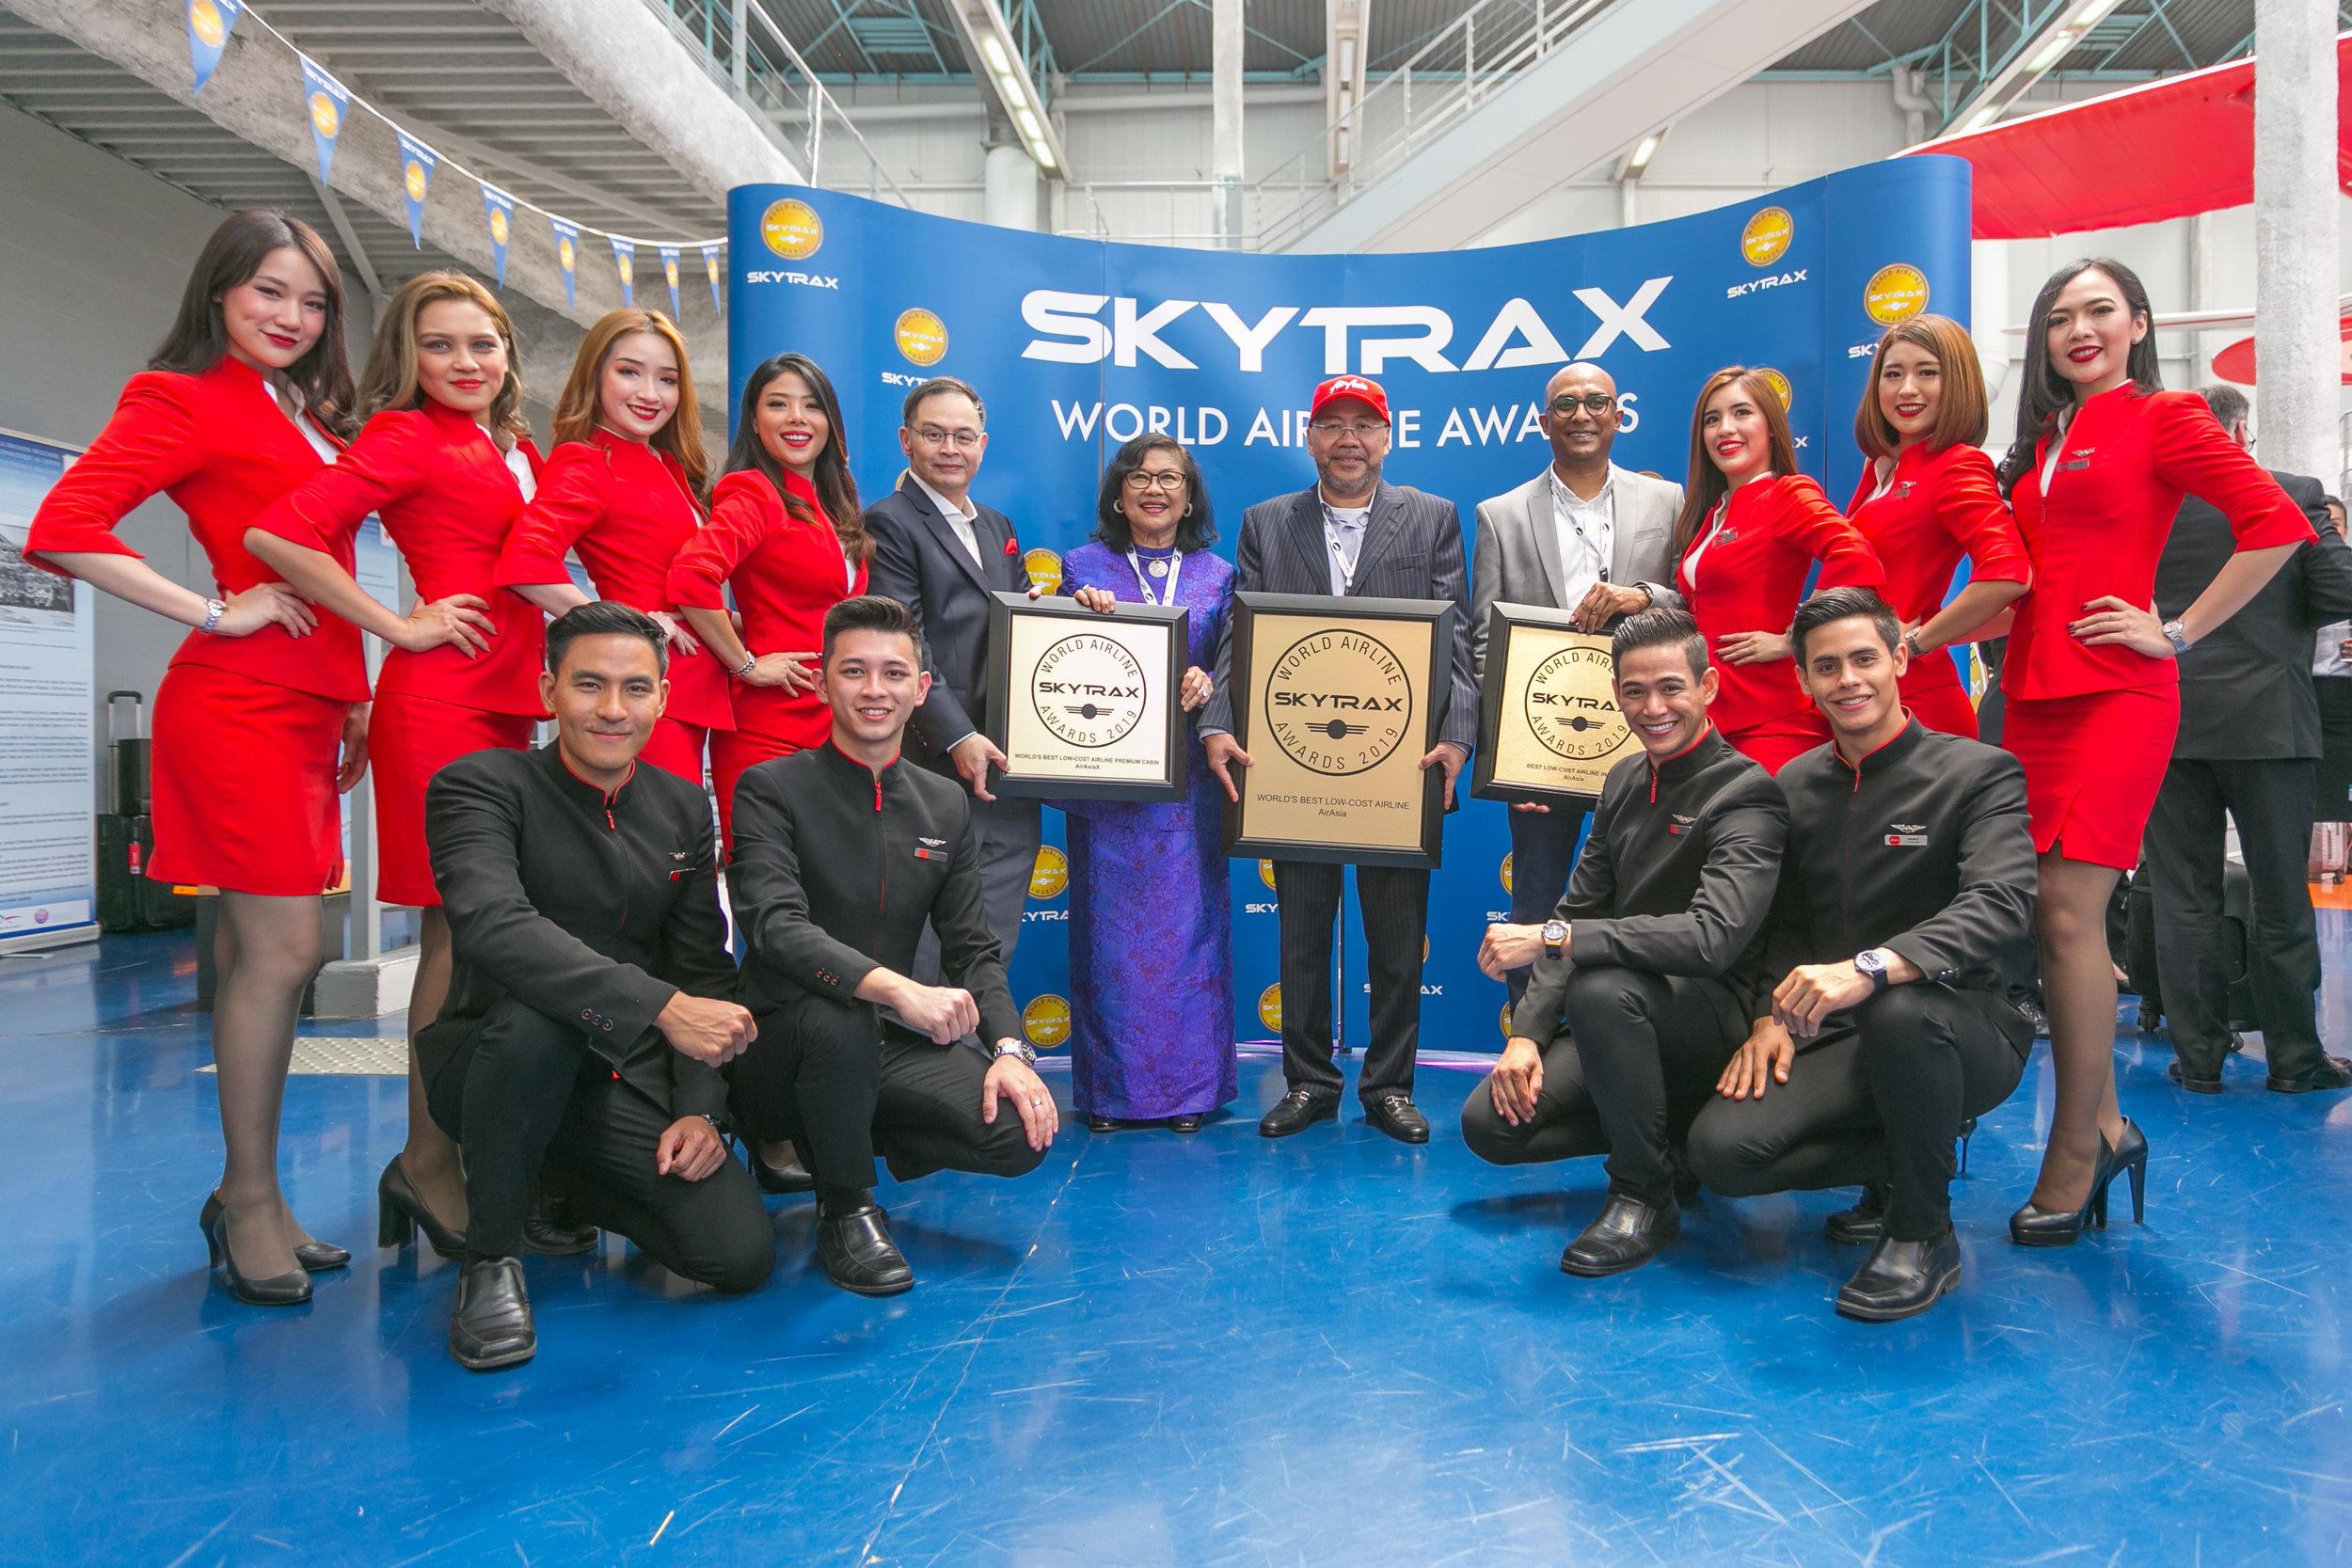 Kenyataan Gambar: (Lima dari kiri di belakang) Ketua Pegawai Eksekutif Kumpulan AirAsia X Nadda Buranasiri, Pengerusi AirAsia X Berhad Tan Sri Rafidah Aziz, Pengerusi Eksekutif AirAsia Group Berhad Datuk Kamarudin Meranun, Timbalan Ketua Pegawai Eksekutif Kumpulan AirAsia (Penerbangan) Bo Lingam bersama-sama Kru Kabin AirAsia